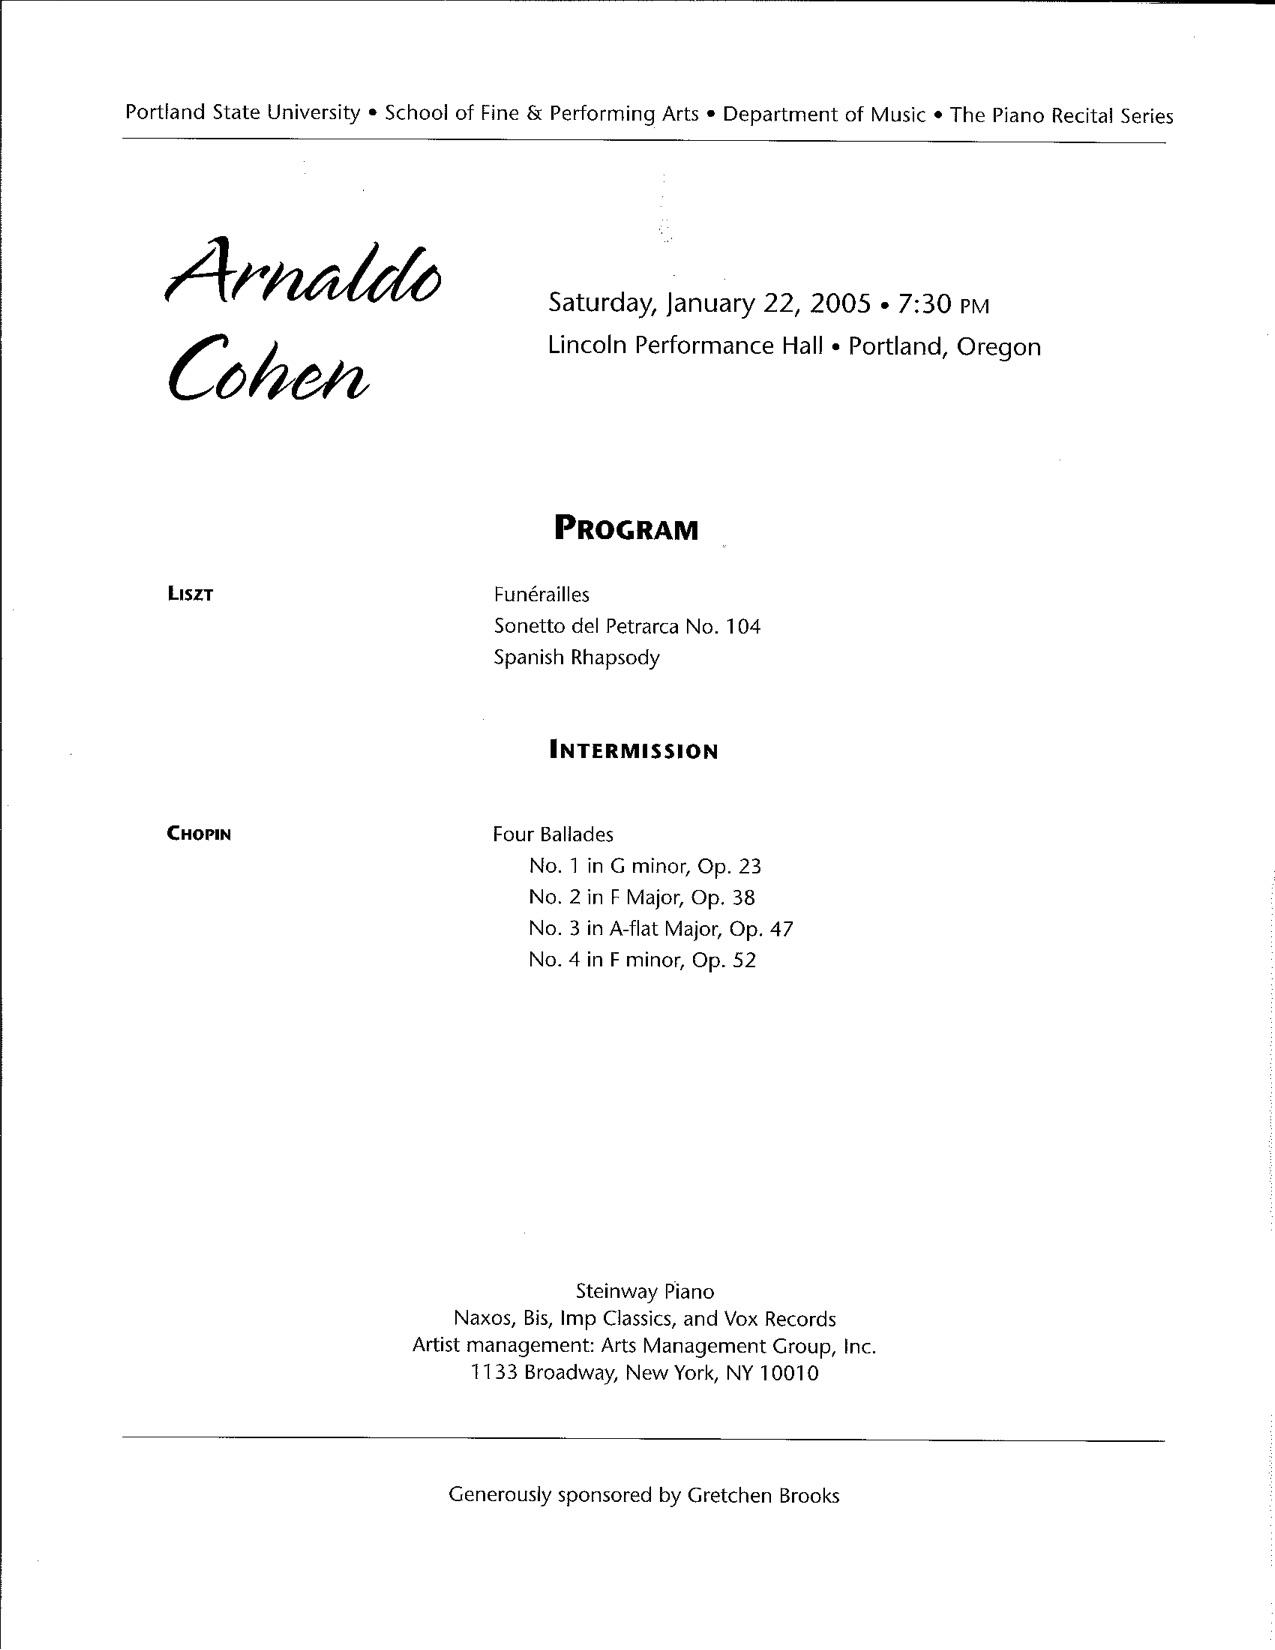 Cohen04-05_Program2.jpg